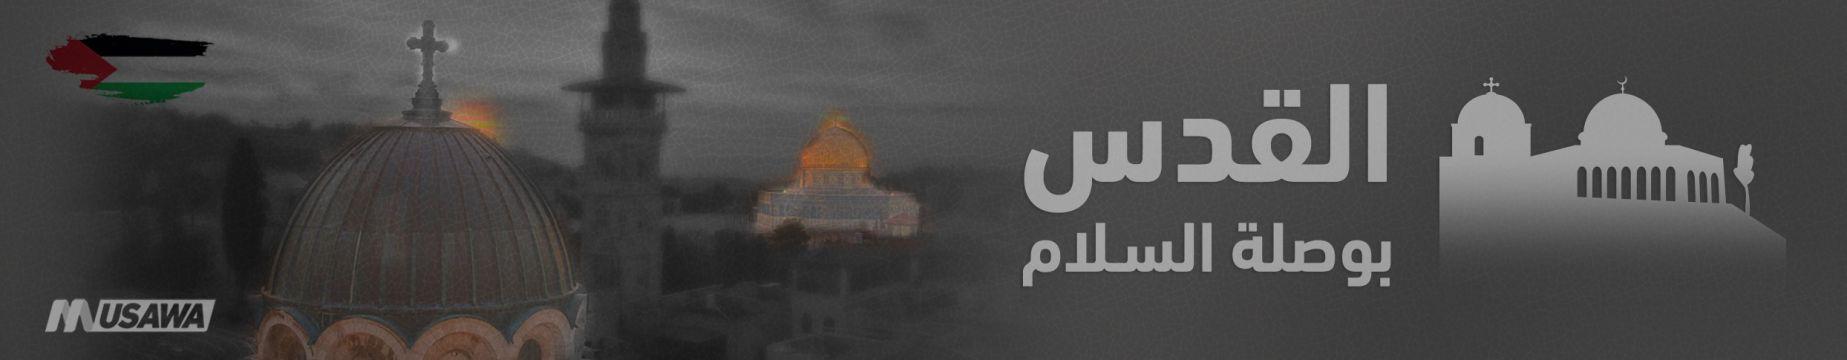 القدس بوصلة السلام